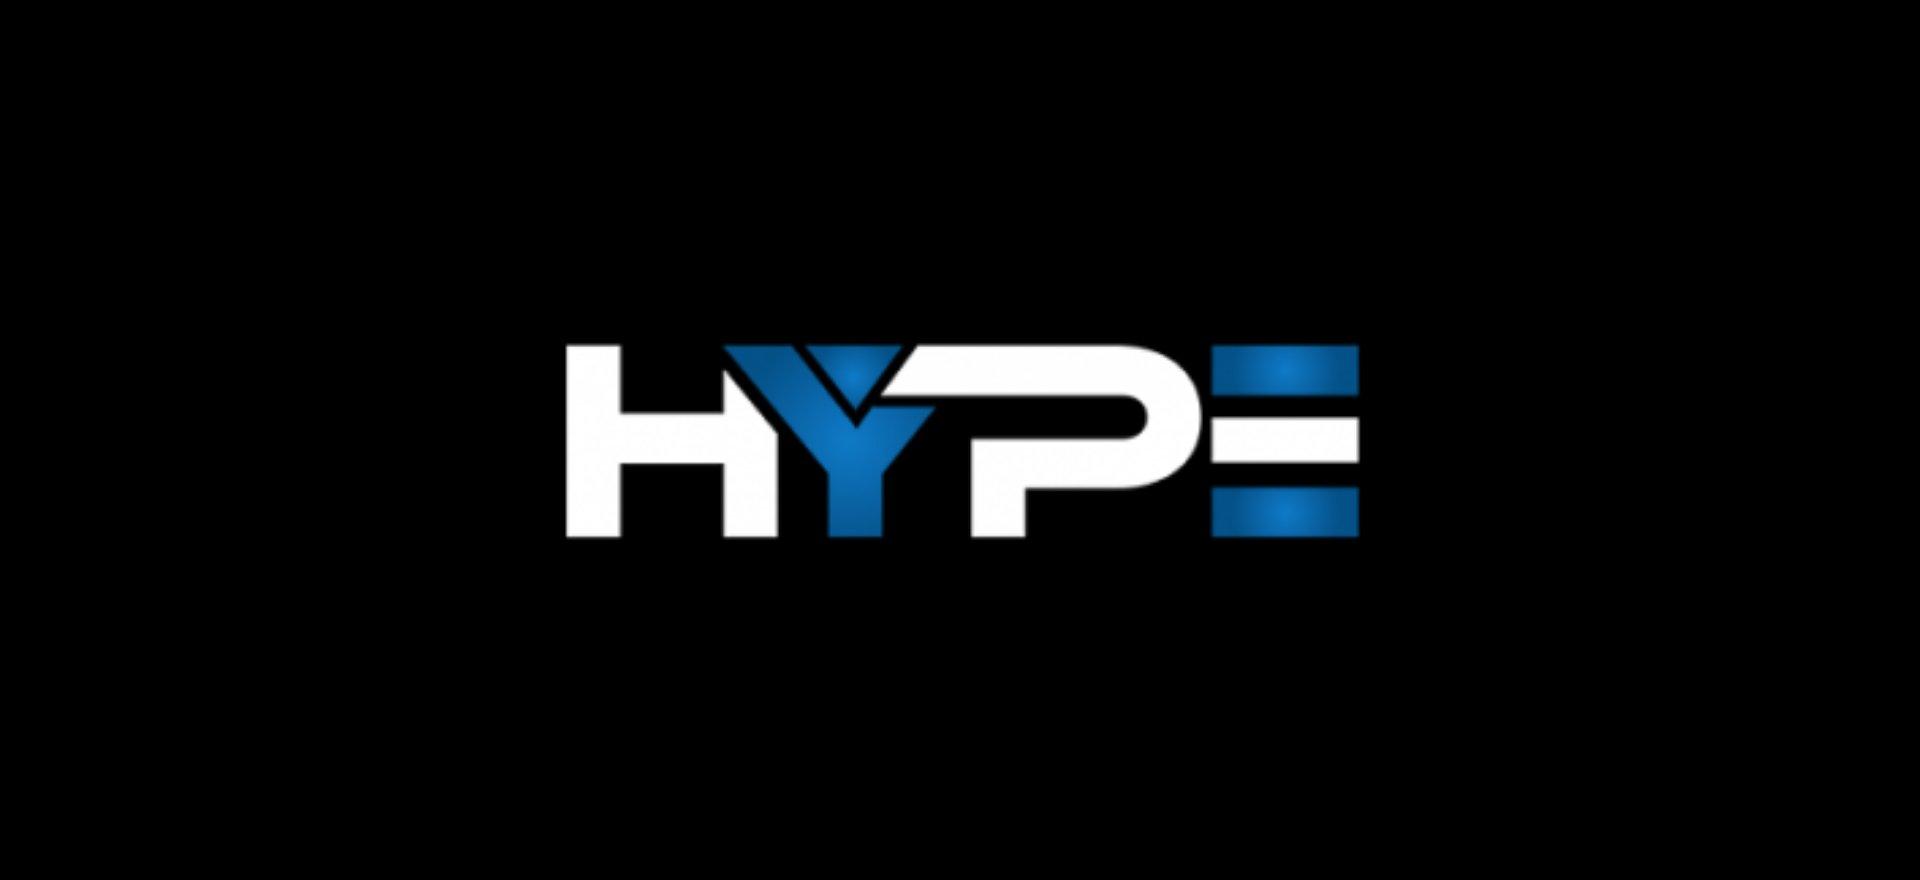 Hype Digital Marketing, LLC